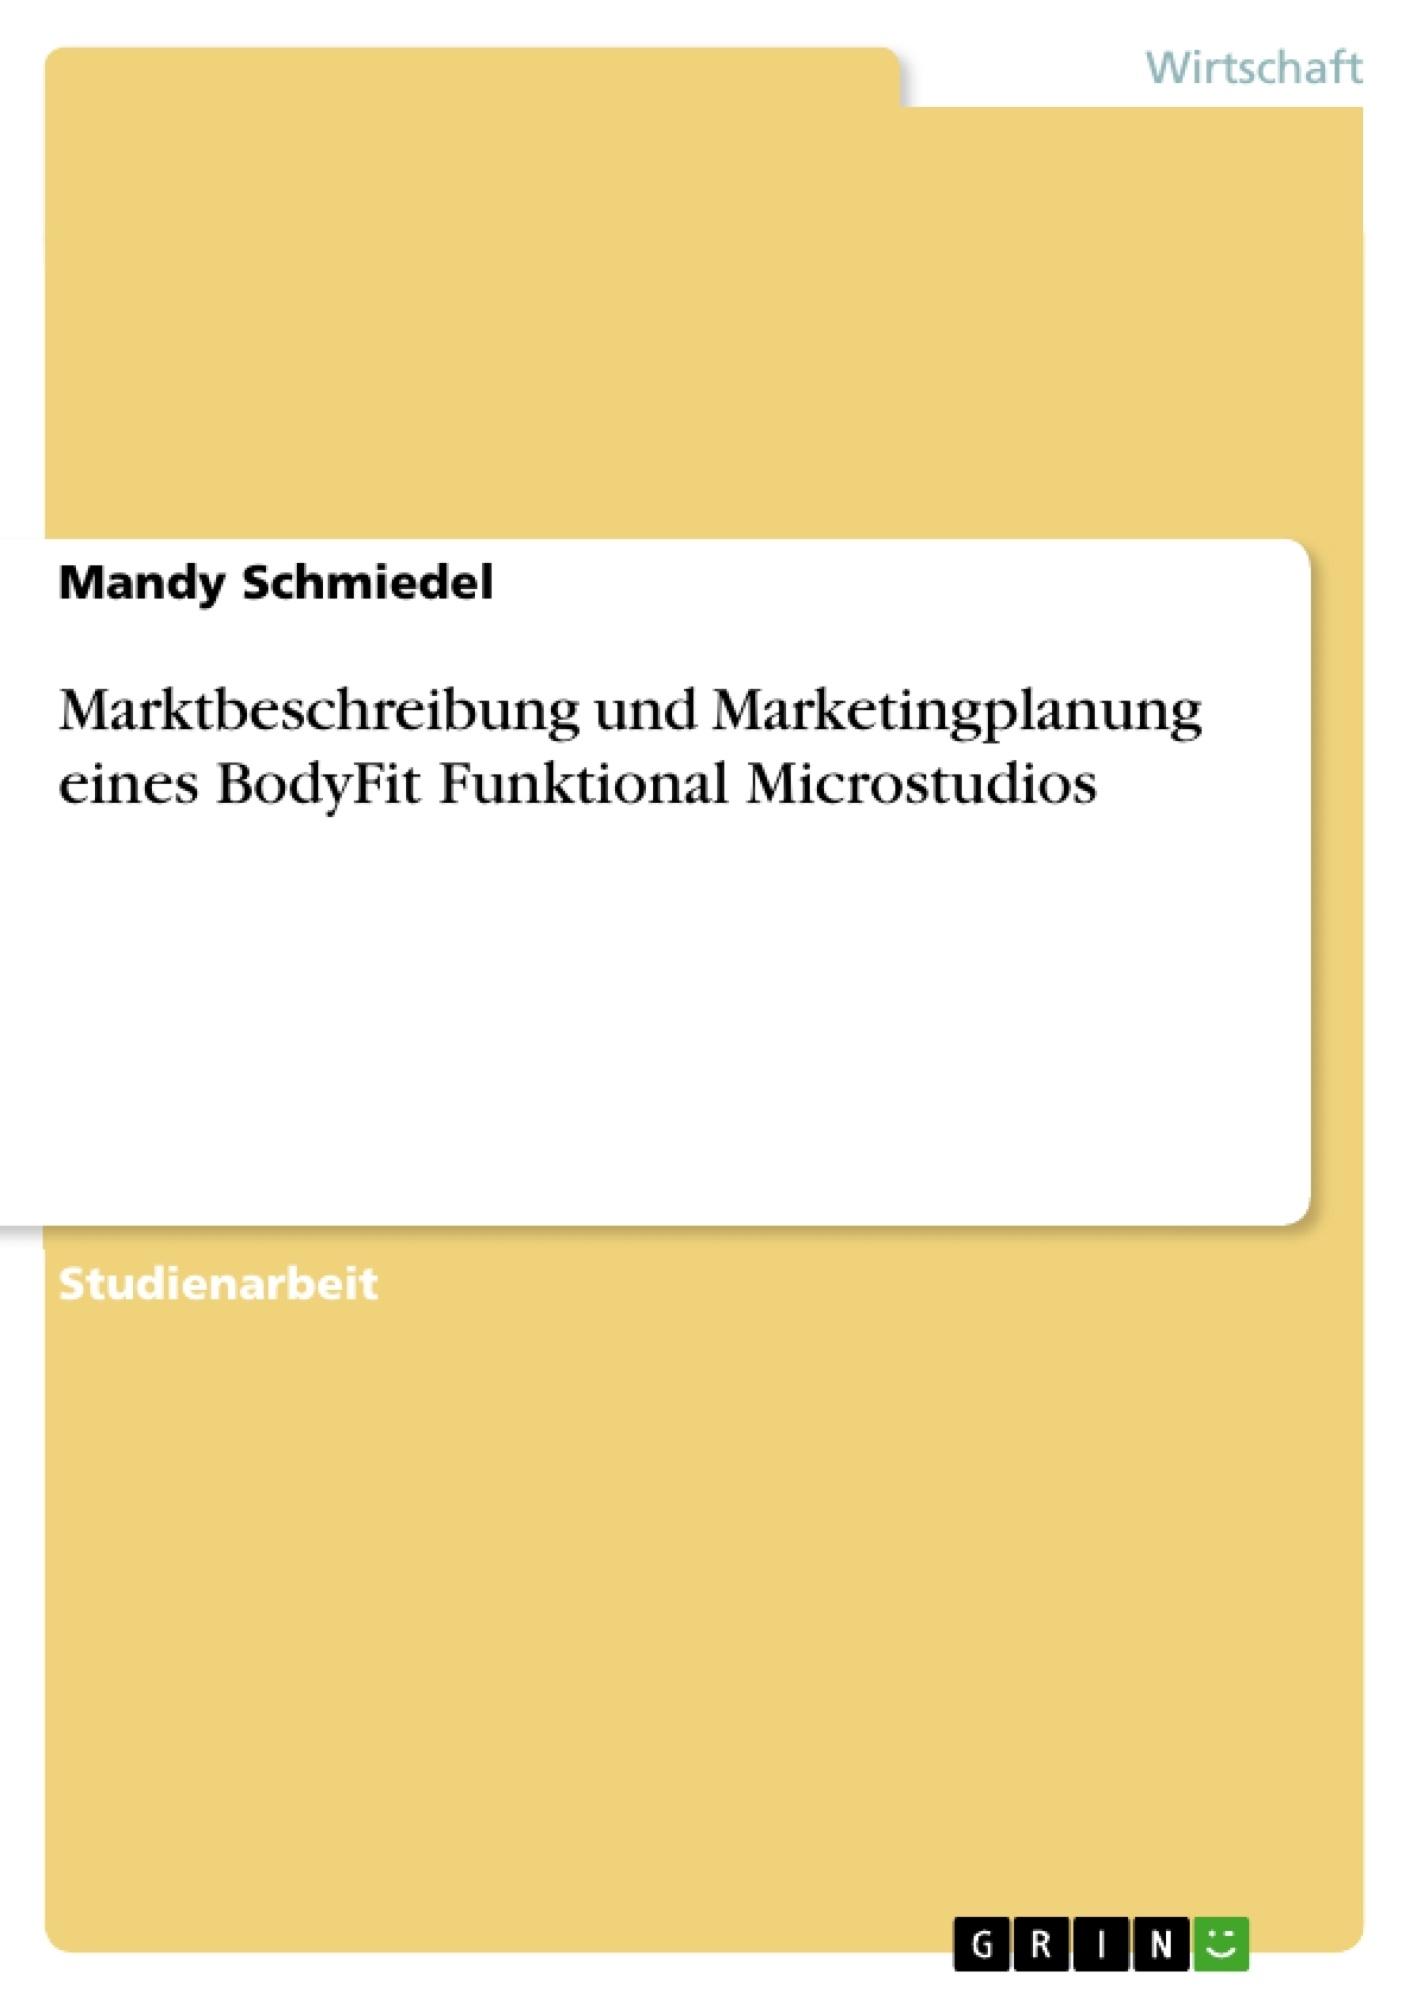 Titel: Marktbeschreibung und Marketingplanung eines BodyFit Funktional Microstudios